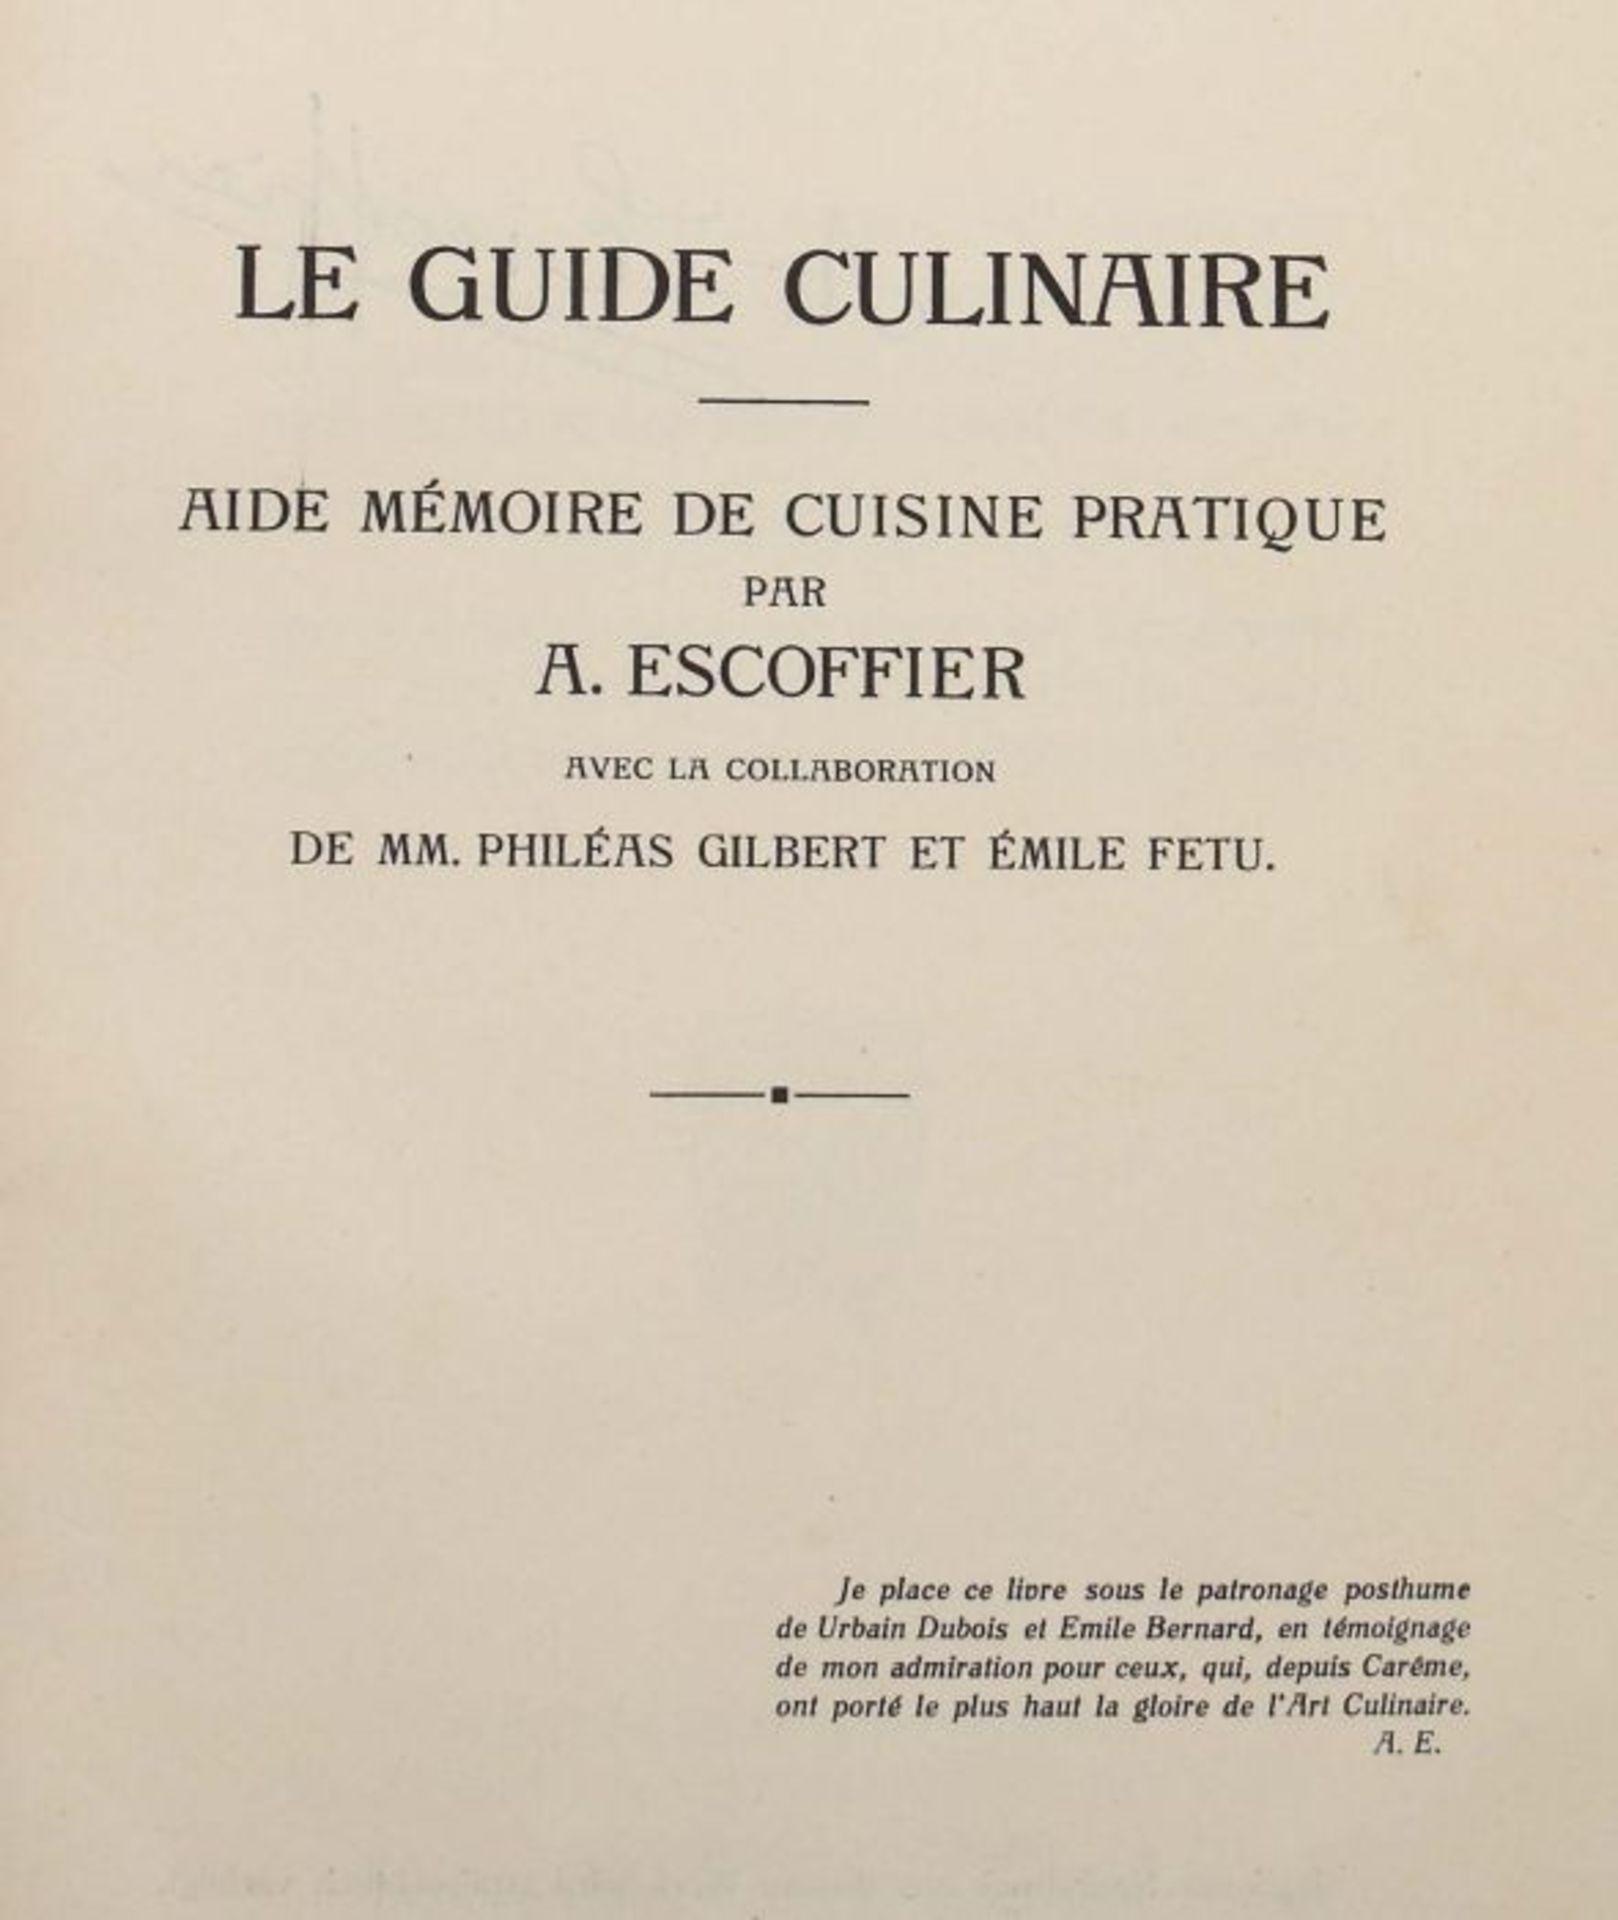 Escoffier, A. Kochkunst-Führer - Ein Hand- und Nachschlagebuch der modernen französischen Küche u - Bild 3 aus 3